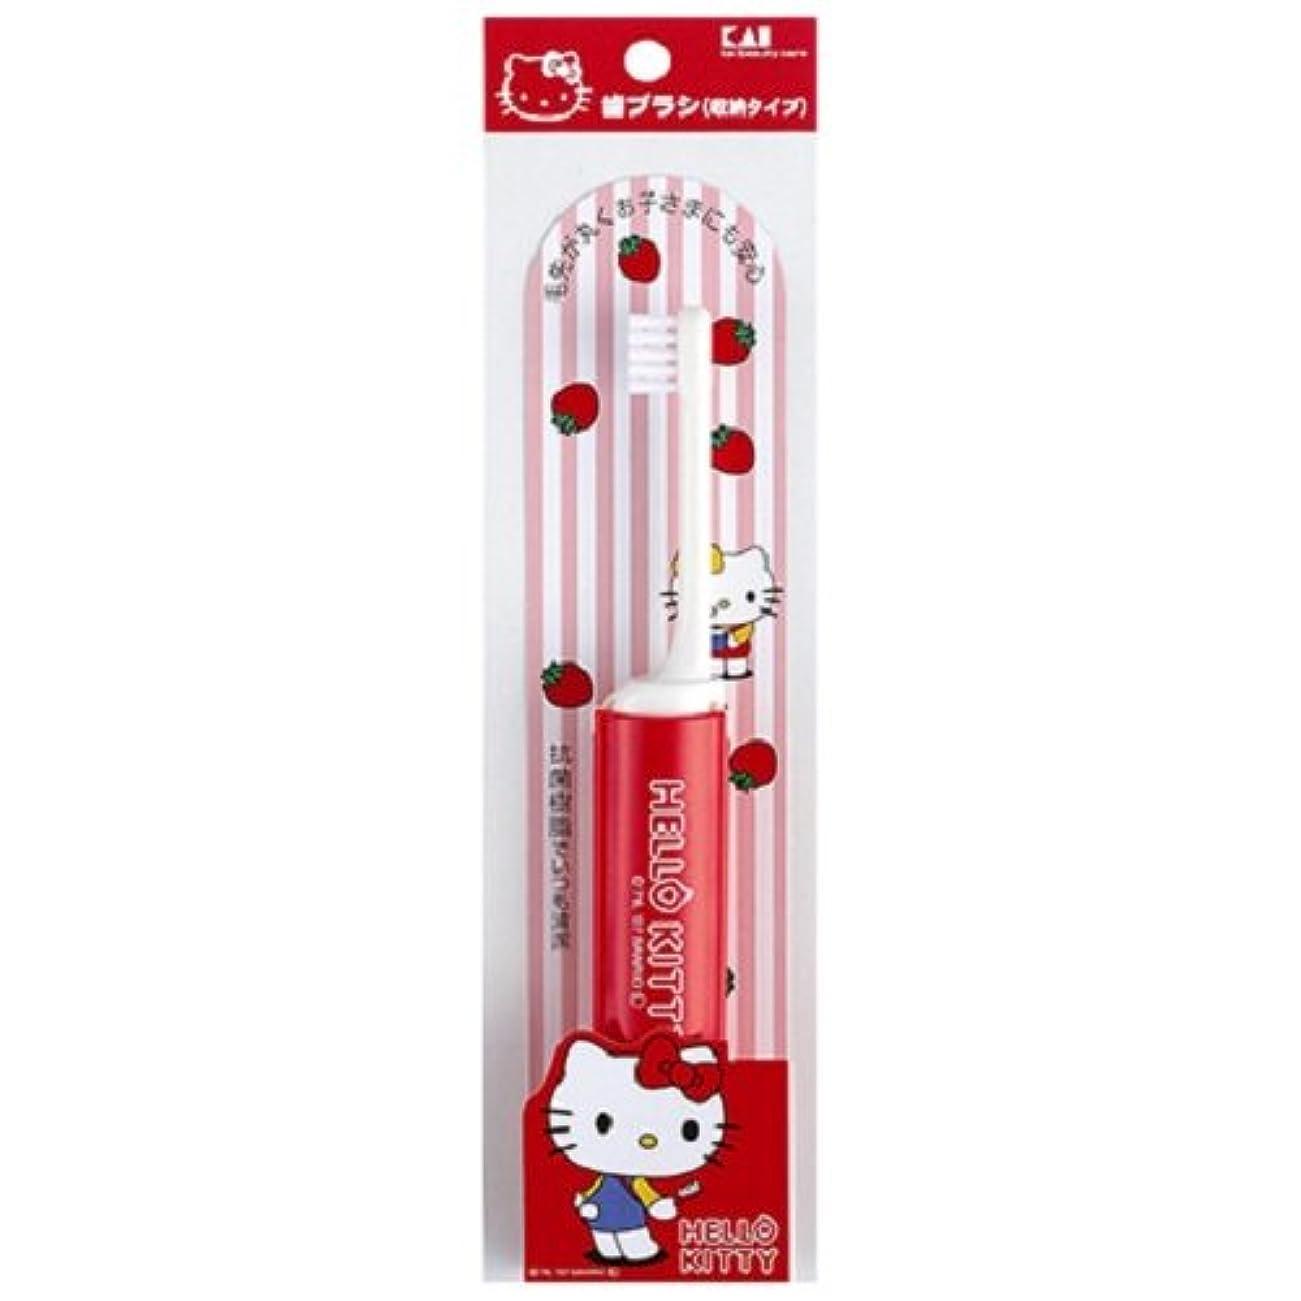 用心するモジュール閉じ込める貝印 キティ 歯ブラシ S KK1715